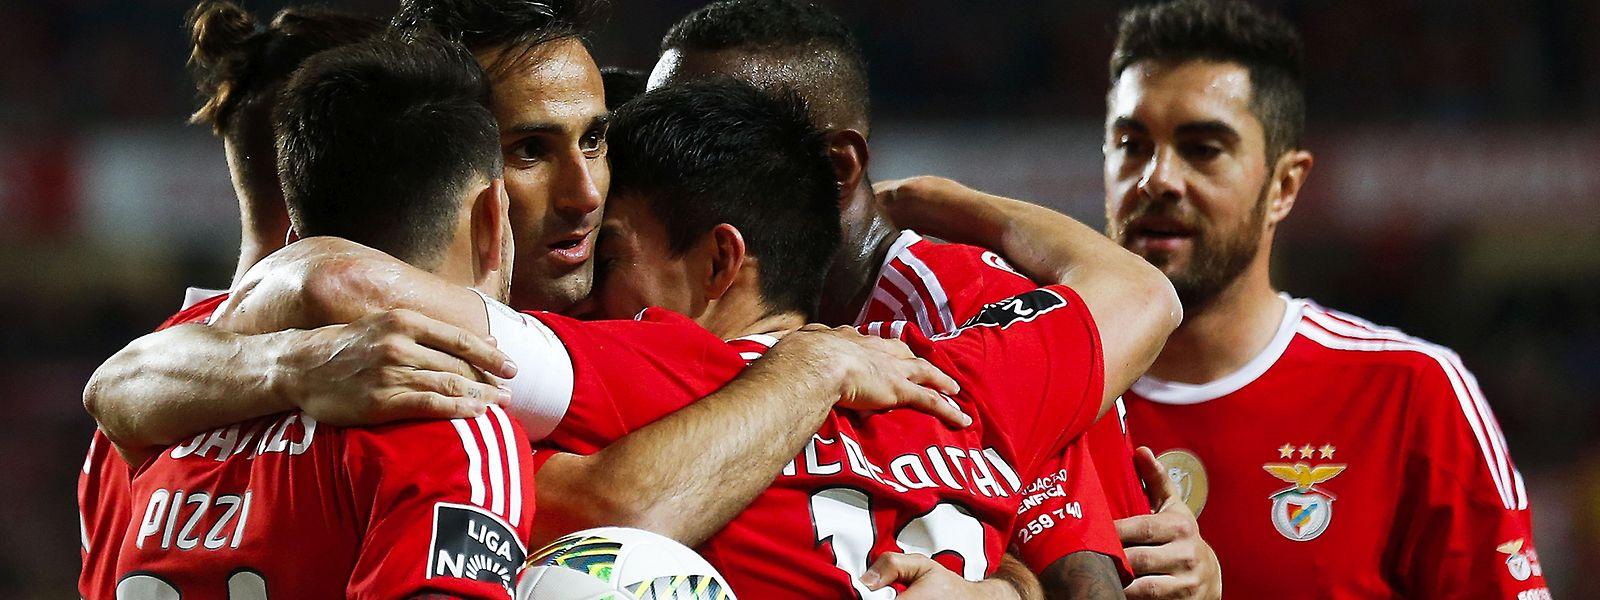 Benfica, Braga e Paços de Ferreira punidos pelo mau comportamento dos adeptos.